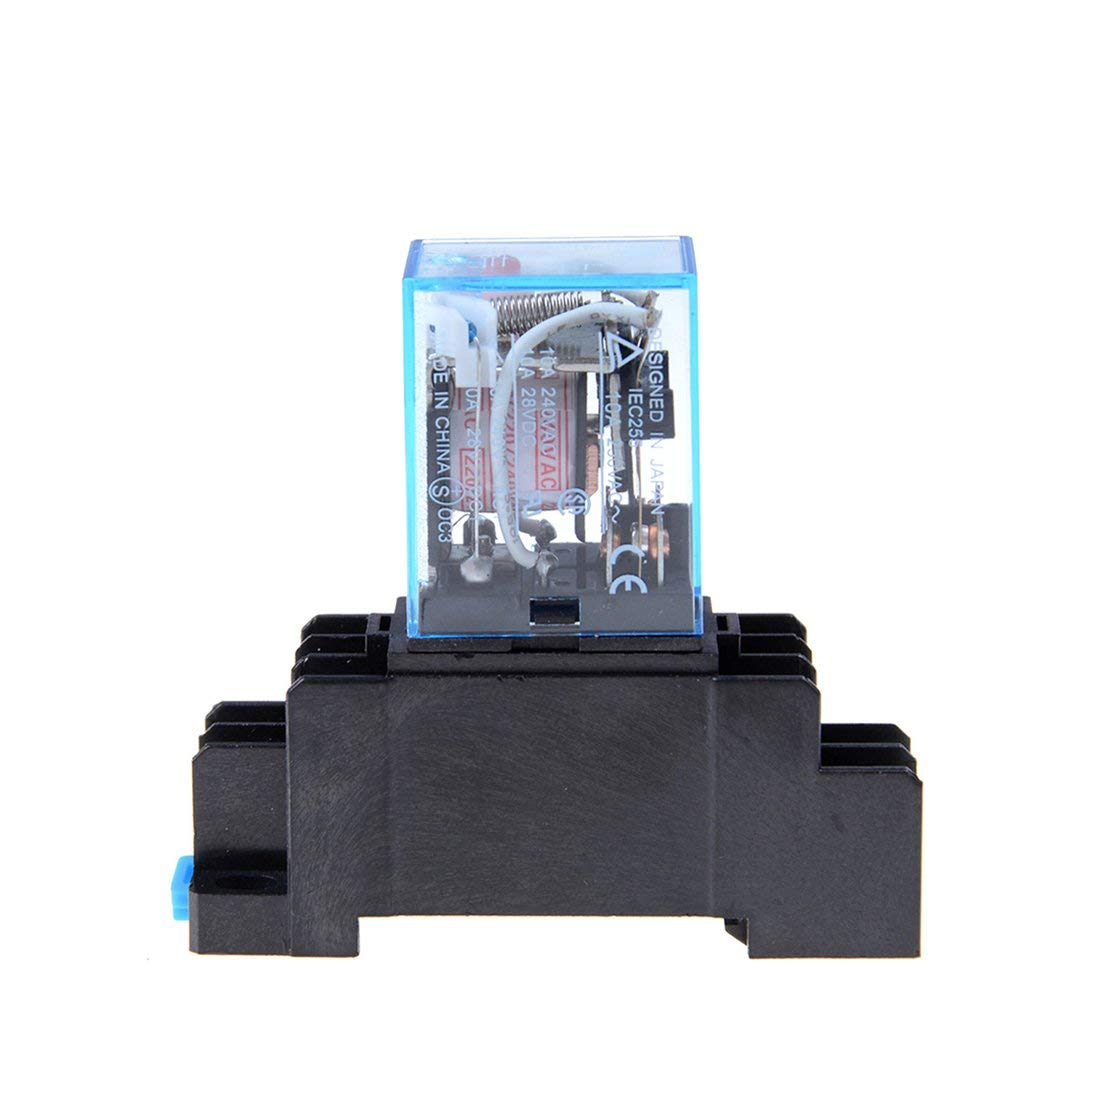 Relais de puissance de bobine à CA 220V LY2NJ DPDT 8 broches PTF08A JQX-13F avec la base de la douille micro commutateur de module électromagnétique électronique Gwendoll